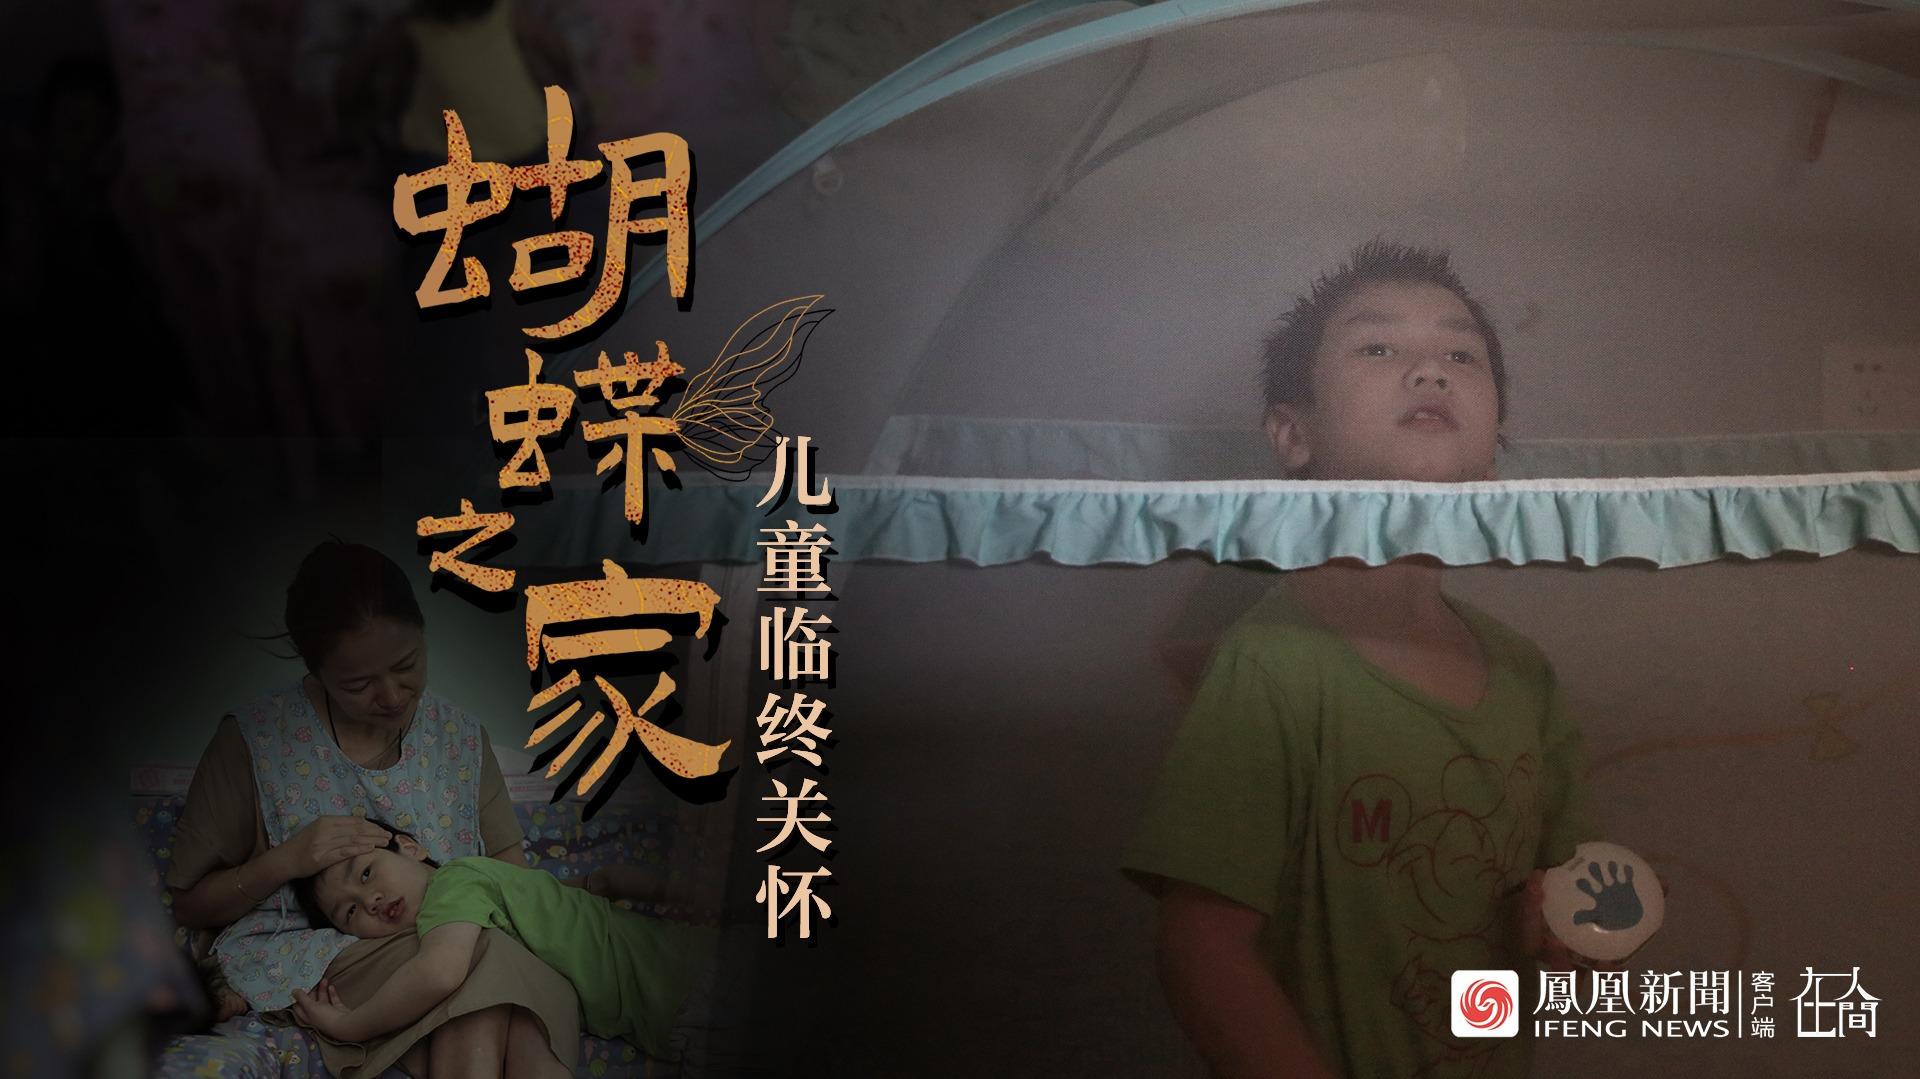 中国首家儿童临终关怀中心:一群孩子的求生、死亡与爱